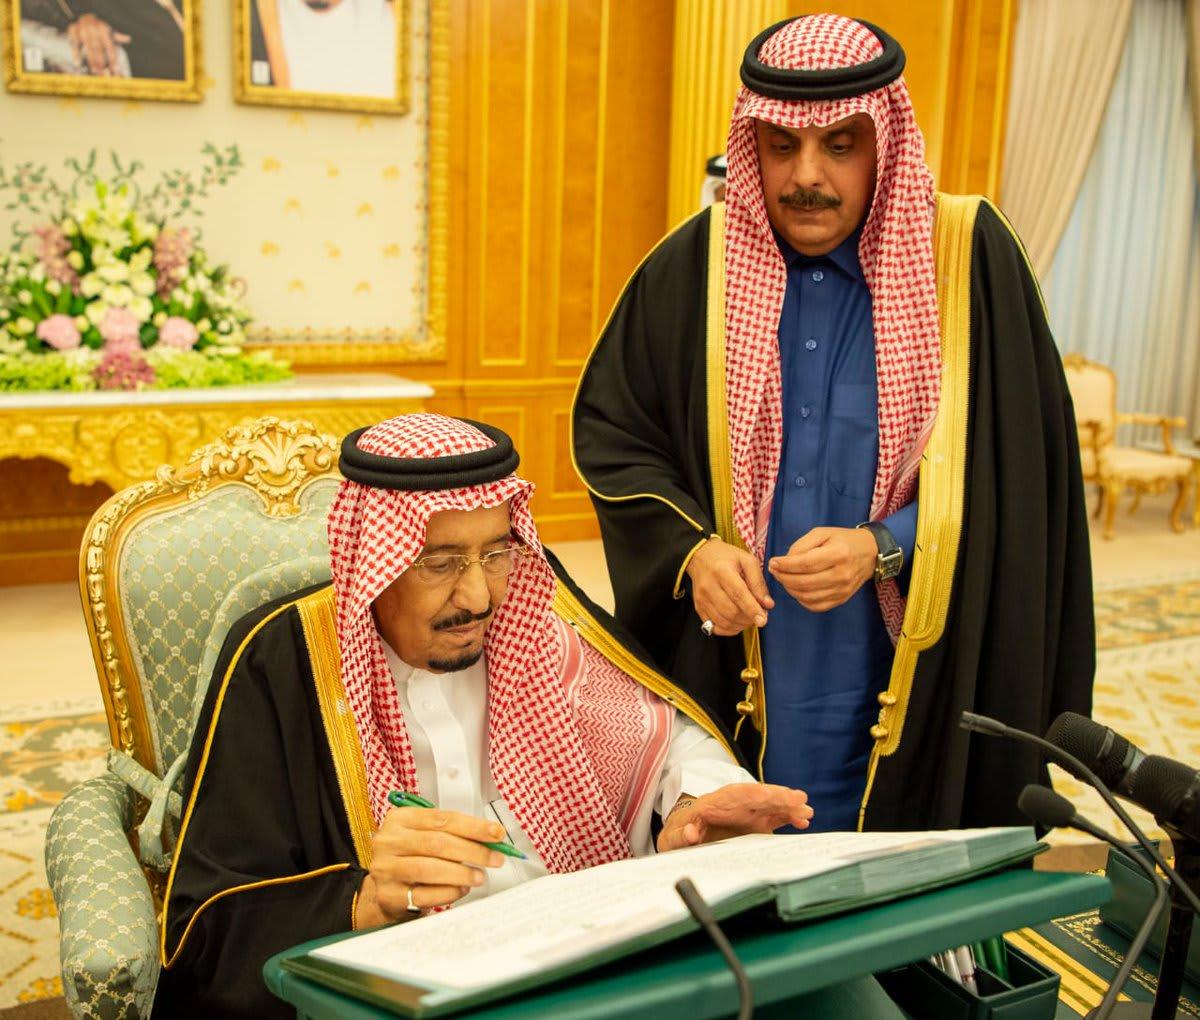 الأكبر في تاريخ المملكة.. الملك سلمان يعلن ميزانية السعودية لعام 2019